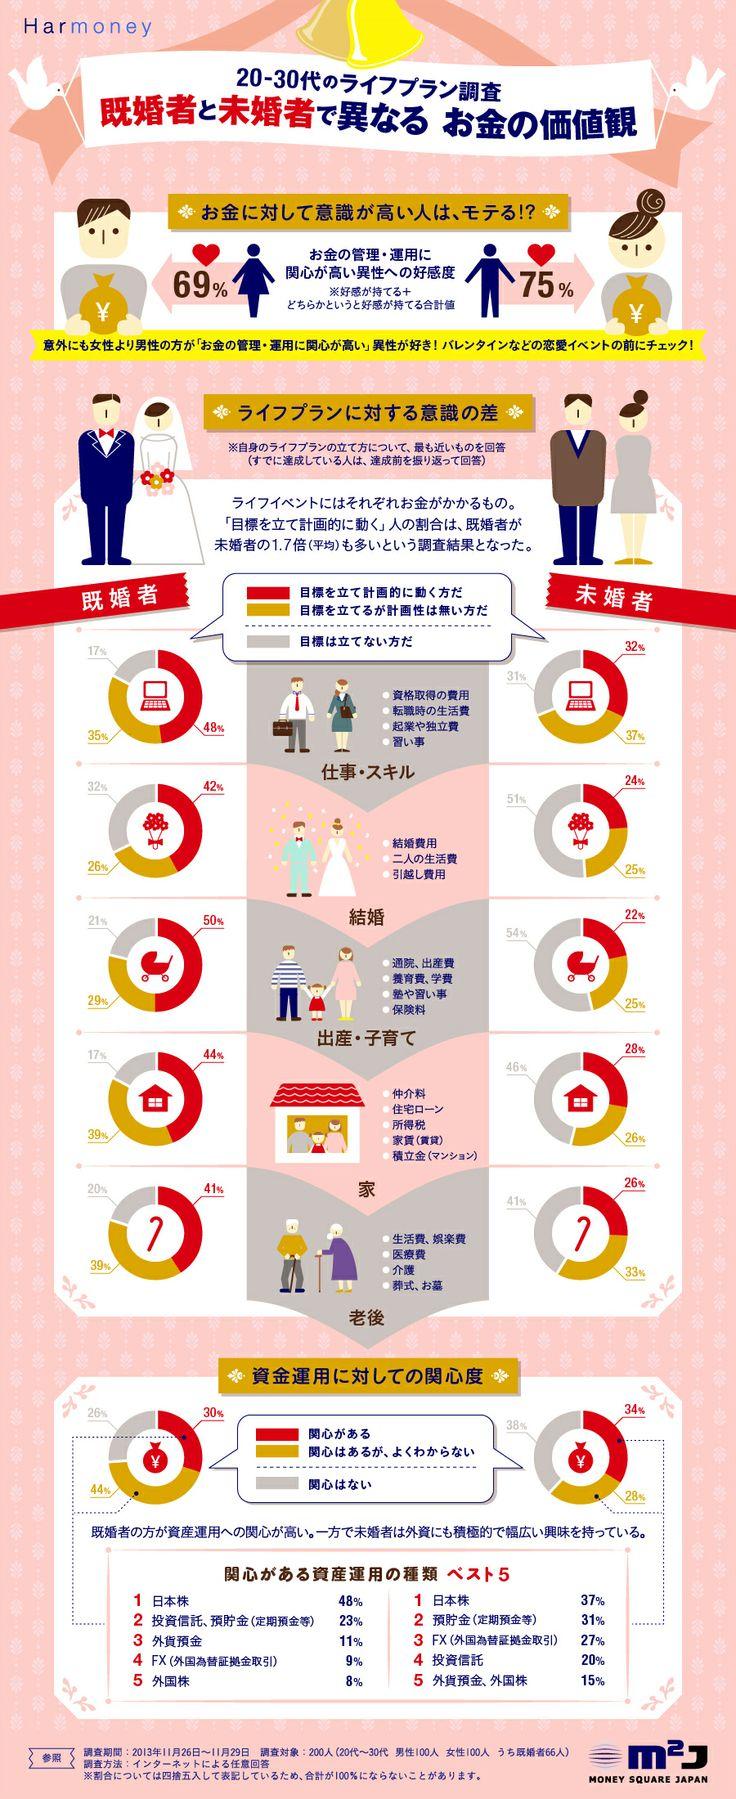 【インフォグラフィック】お金に対して意識が高い人は……?既婚者と未婚者で異なる お金の価値観